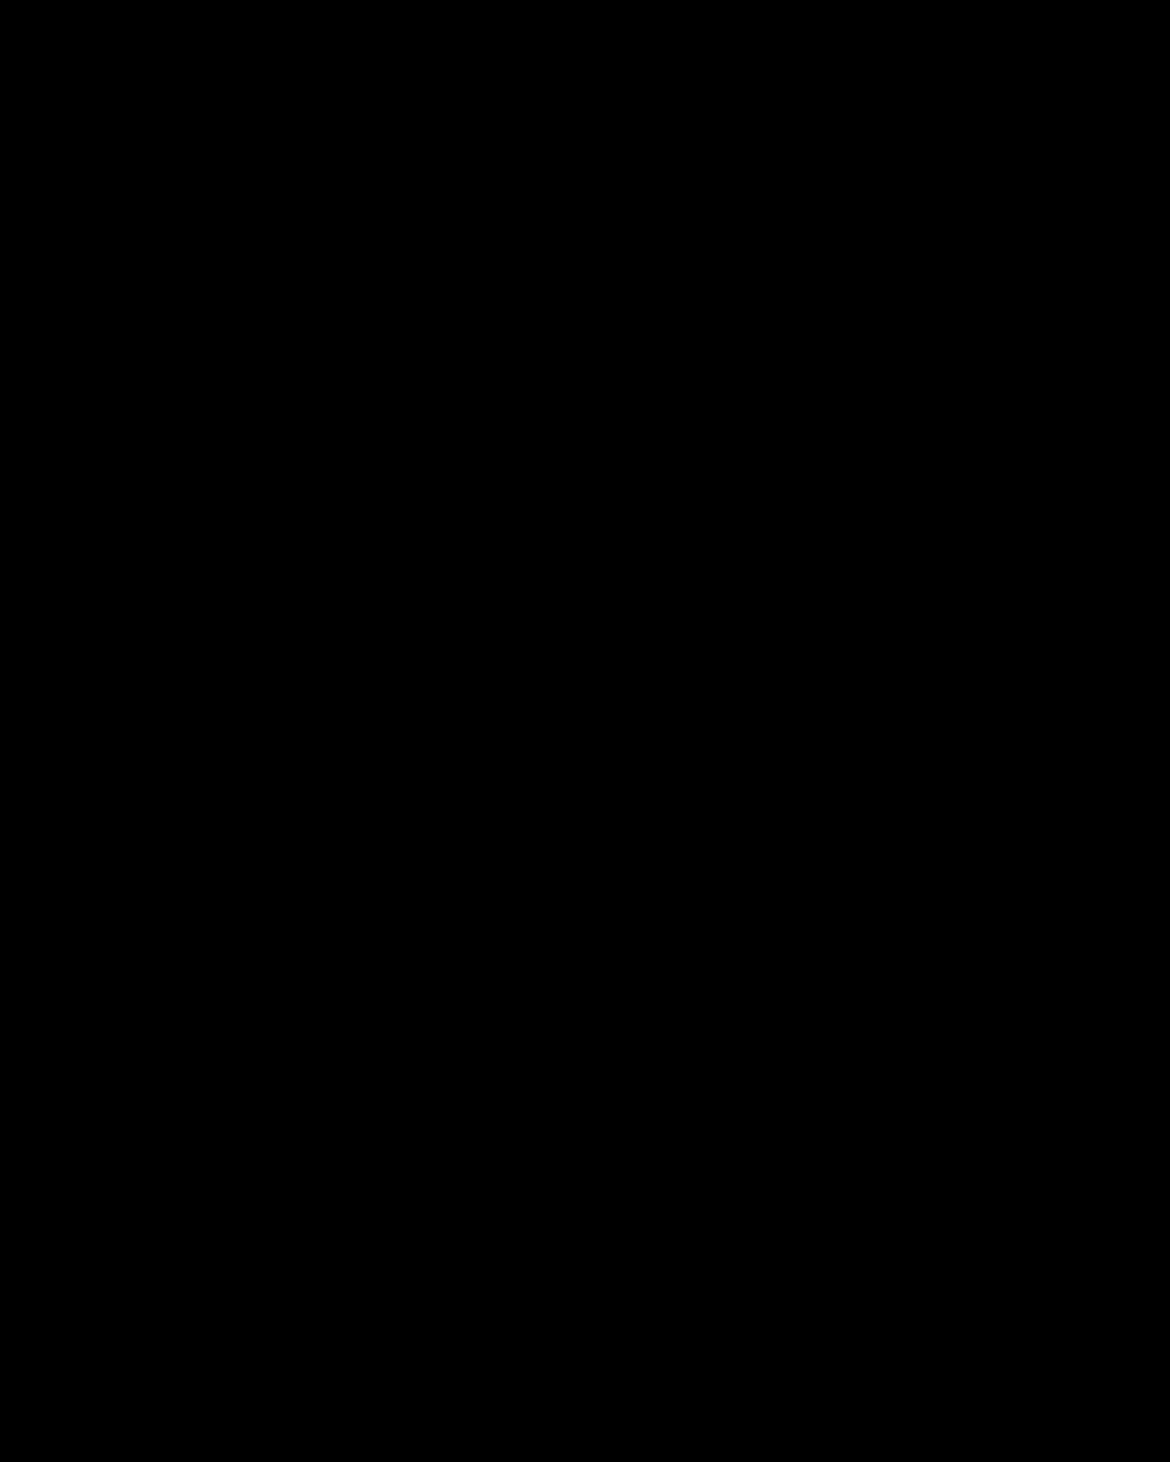 Visitare Mosca a Capodanno: I miei consigli - Piazza Rossa